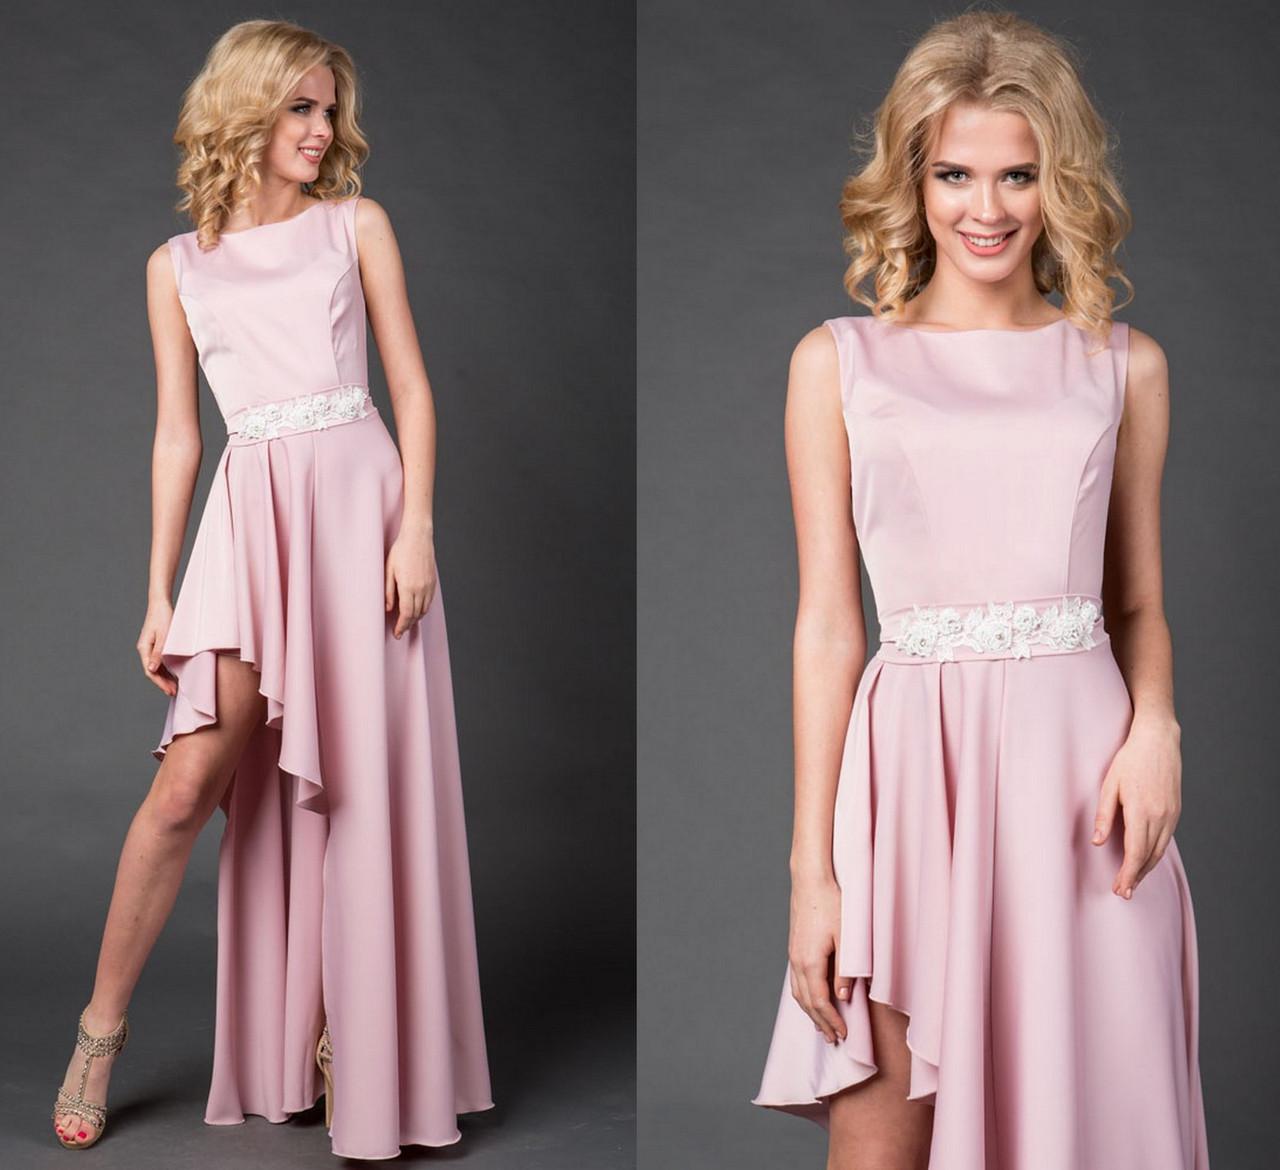 66da7a815431 Асимметричное вечернее платье. Нежно-розовое, 6 цвета. Р-ры  42-44 и ...